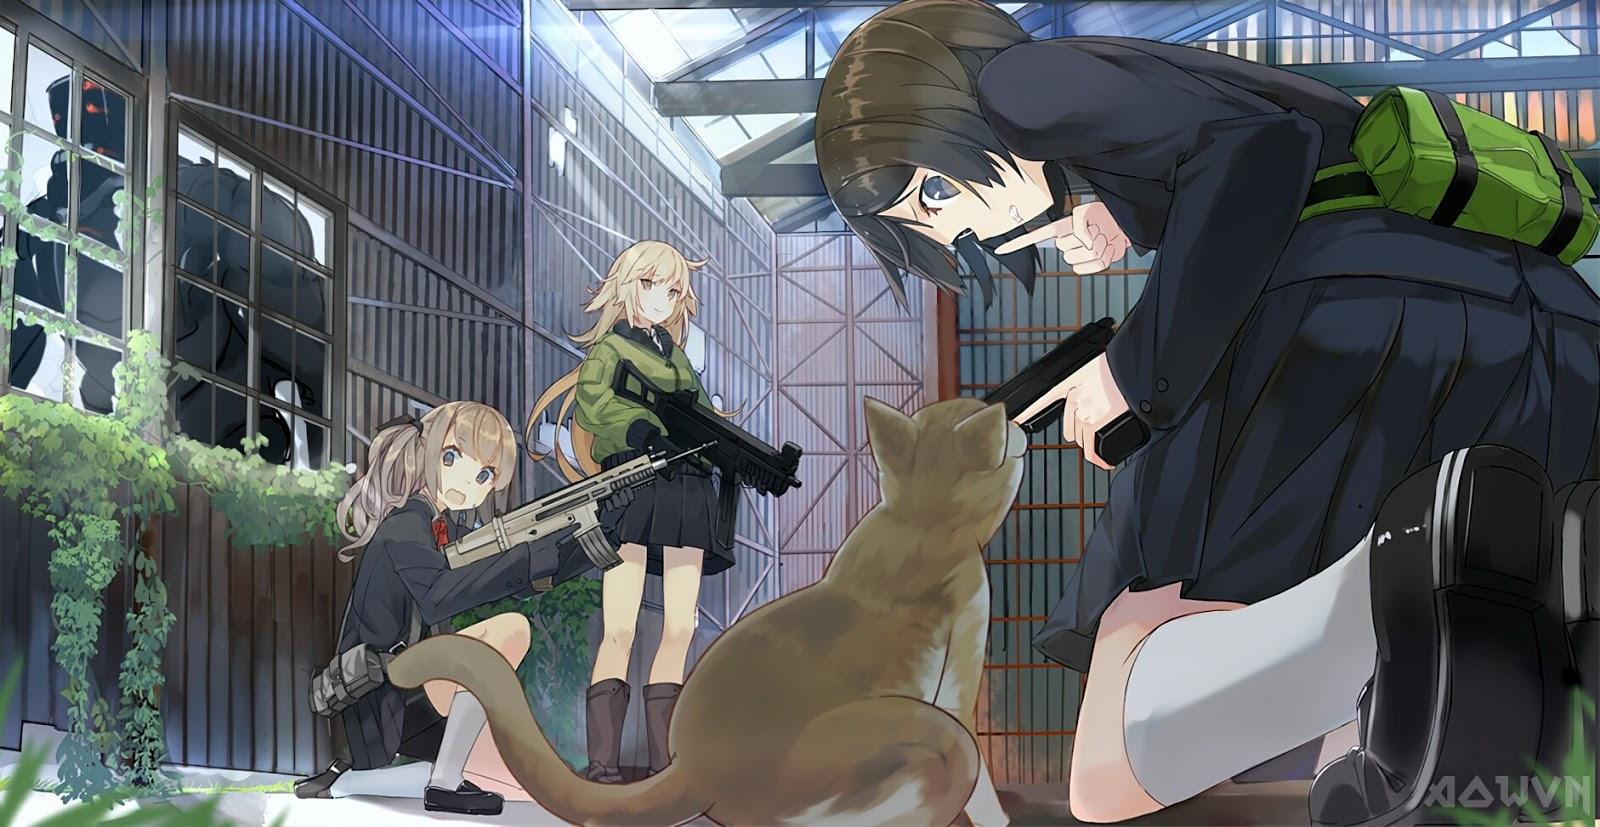 148 AowVN.org m - [ Hình Nền ] Anime cho điện thoại cực đẹp , cực độc | Wallpaper